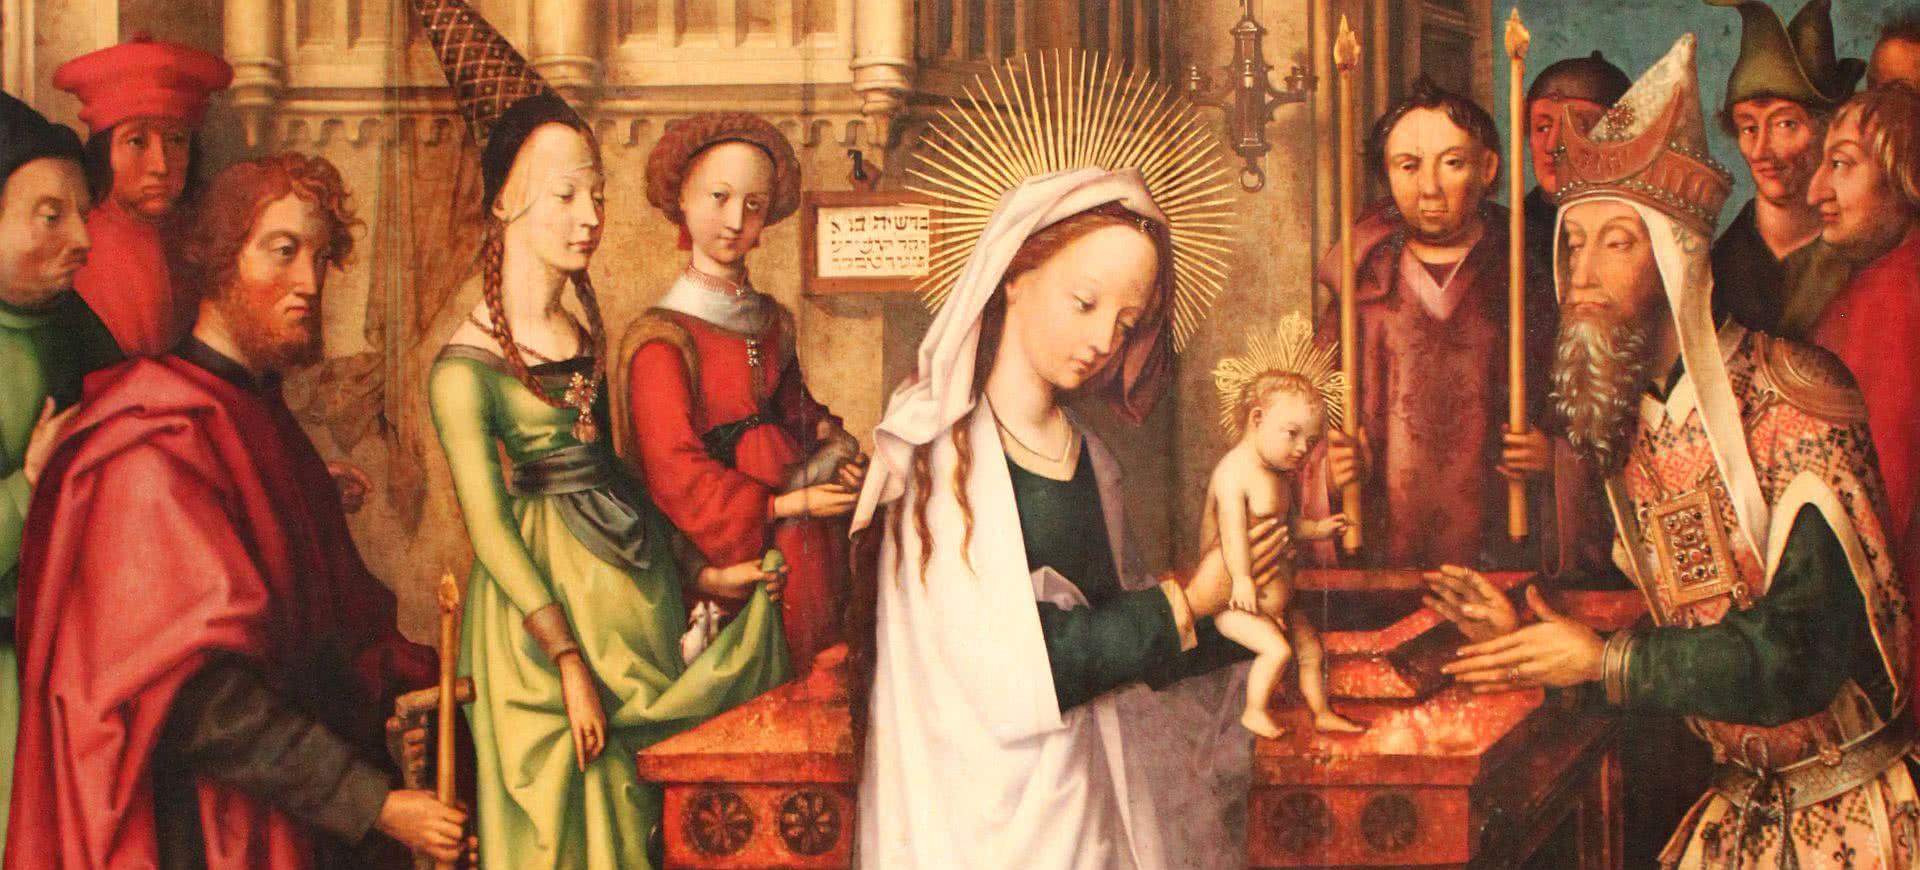 maeriae-lichtmess-gottesdienst-st-aegidii-muenster.jpg